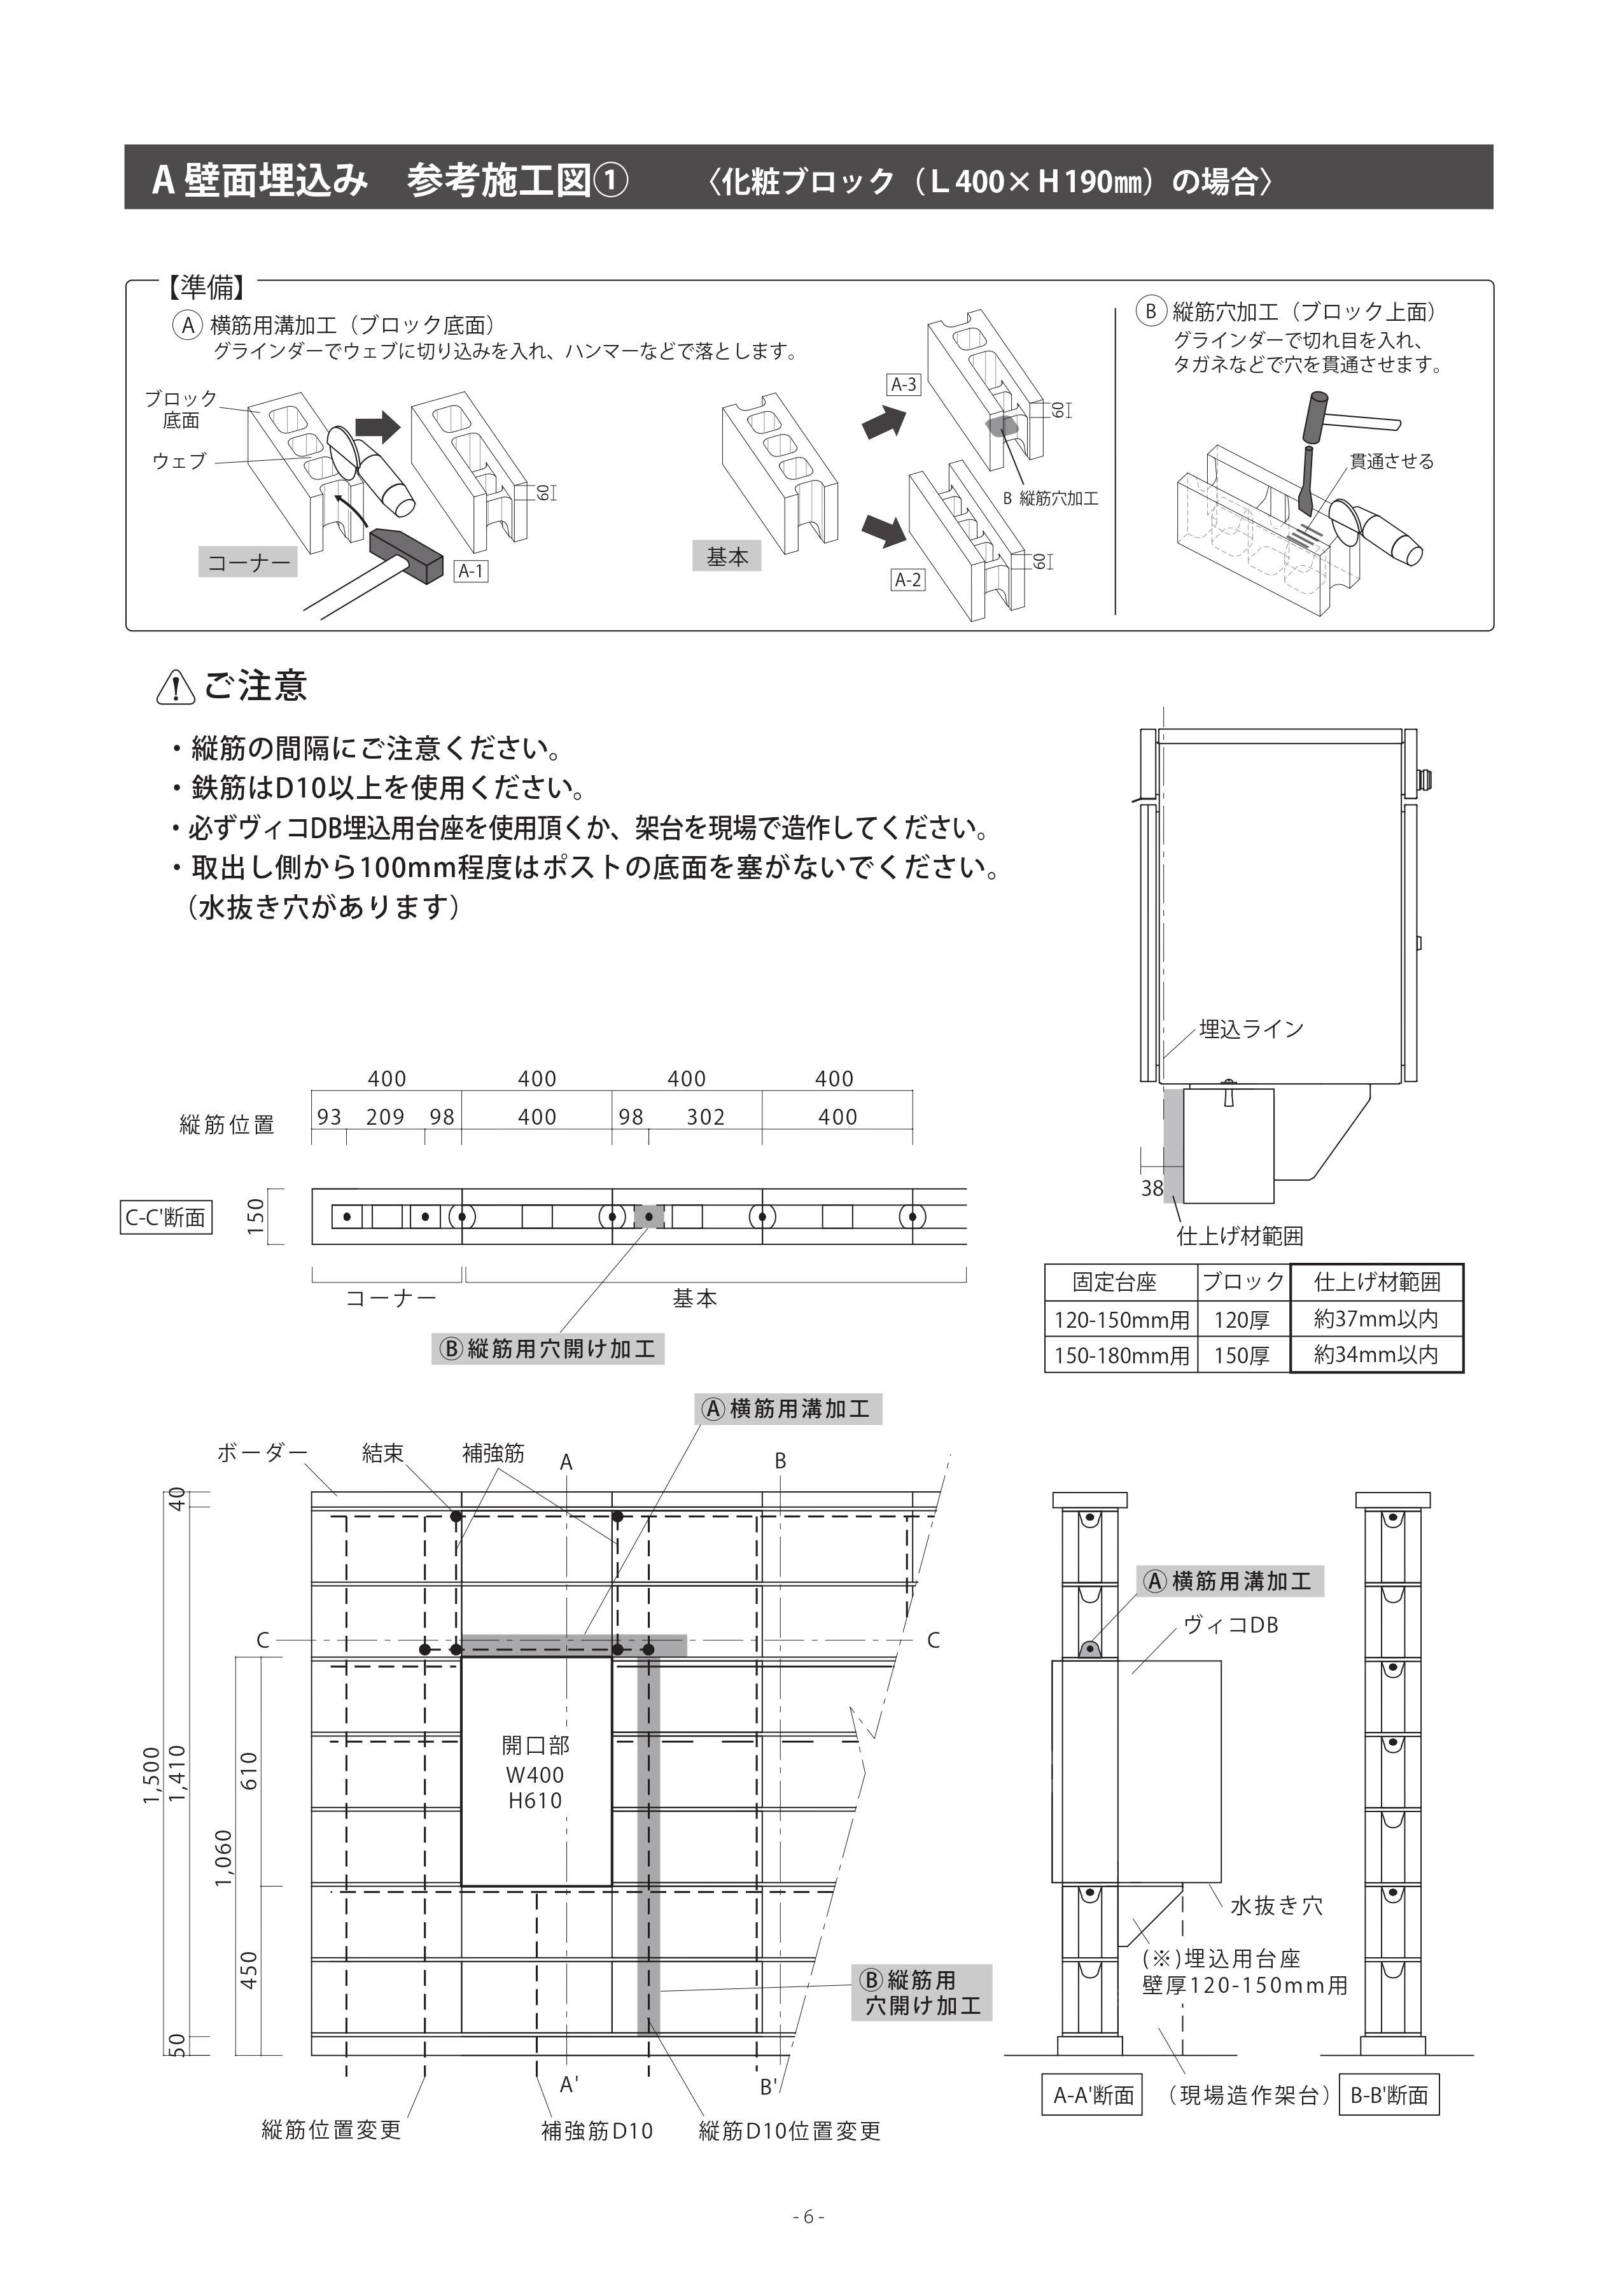 ヴィコDB埋込用台座_取扱説明書 (14)